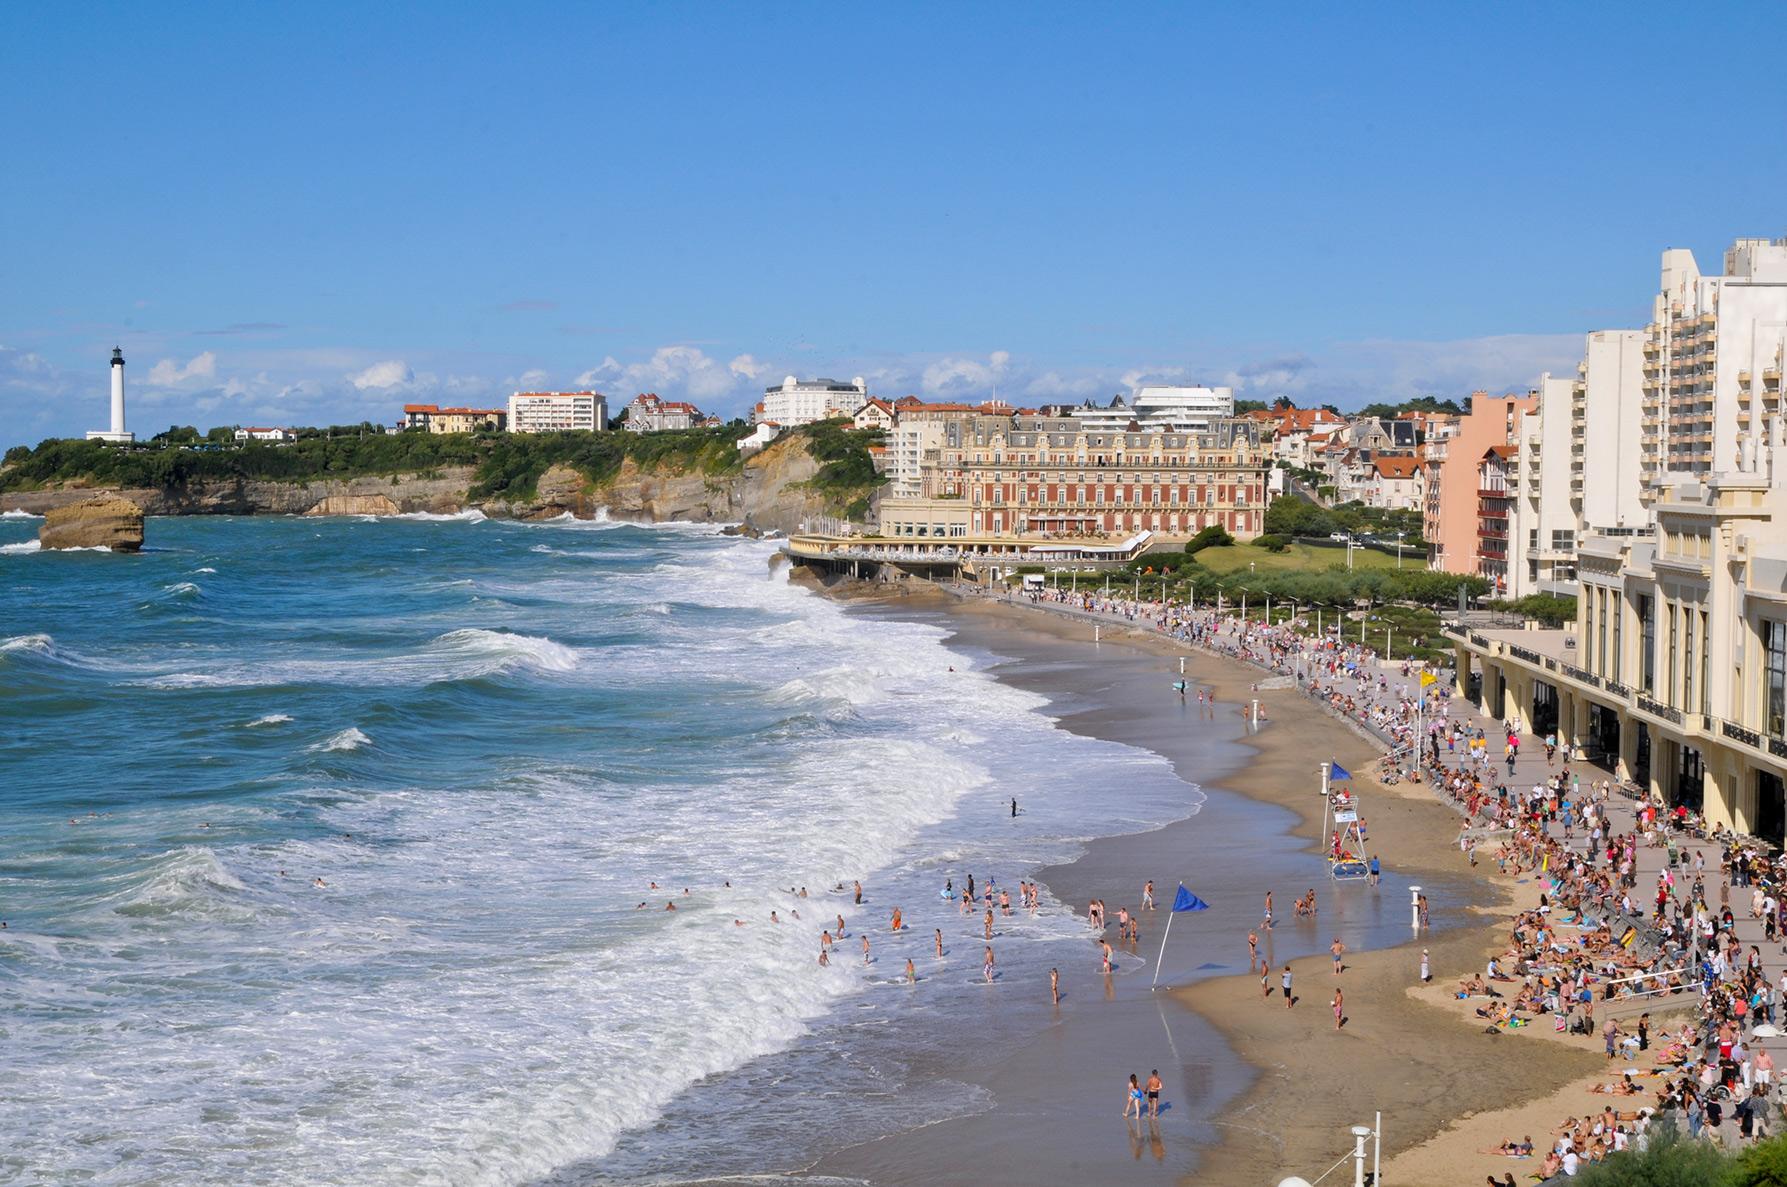 Calendrier Maree Biarritz.Surveillance Des Plages 2019